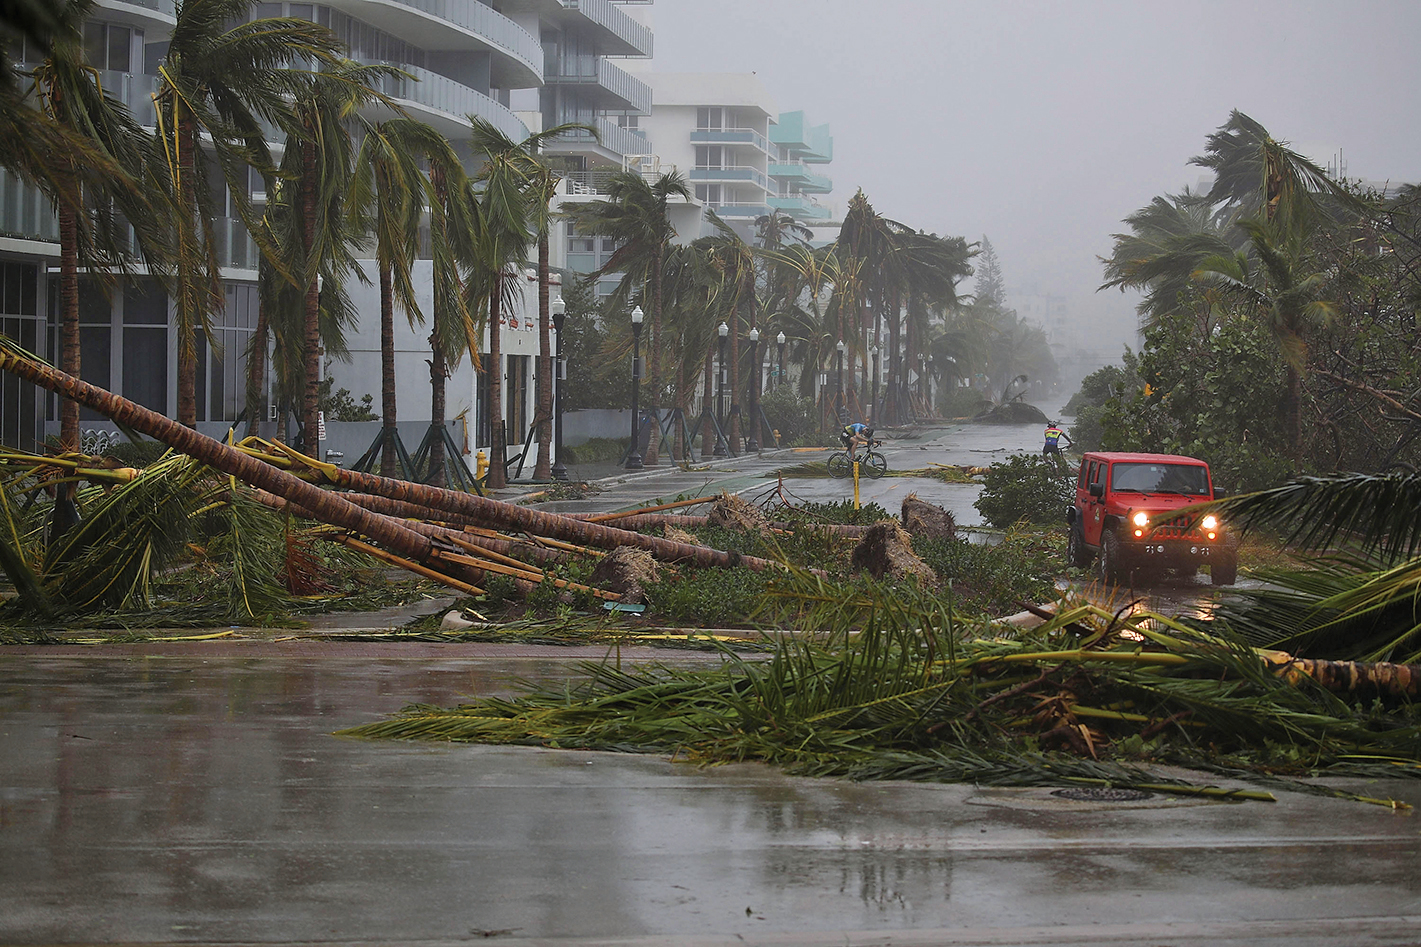 艾爾瑪給佛州南部帶來狂風和風暴潮。(Getty Images)